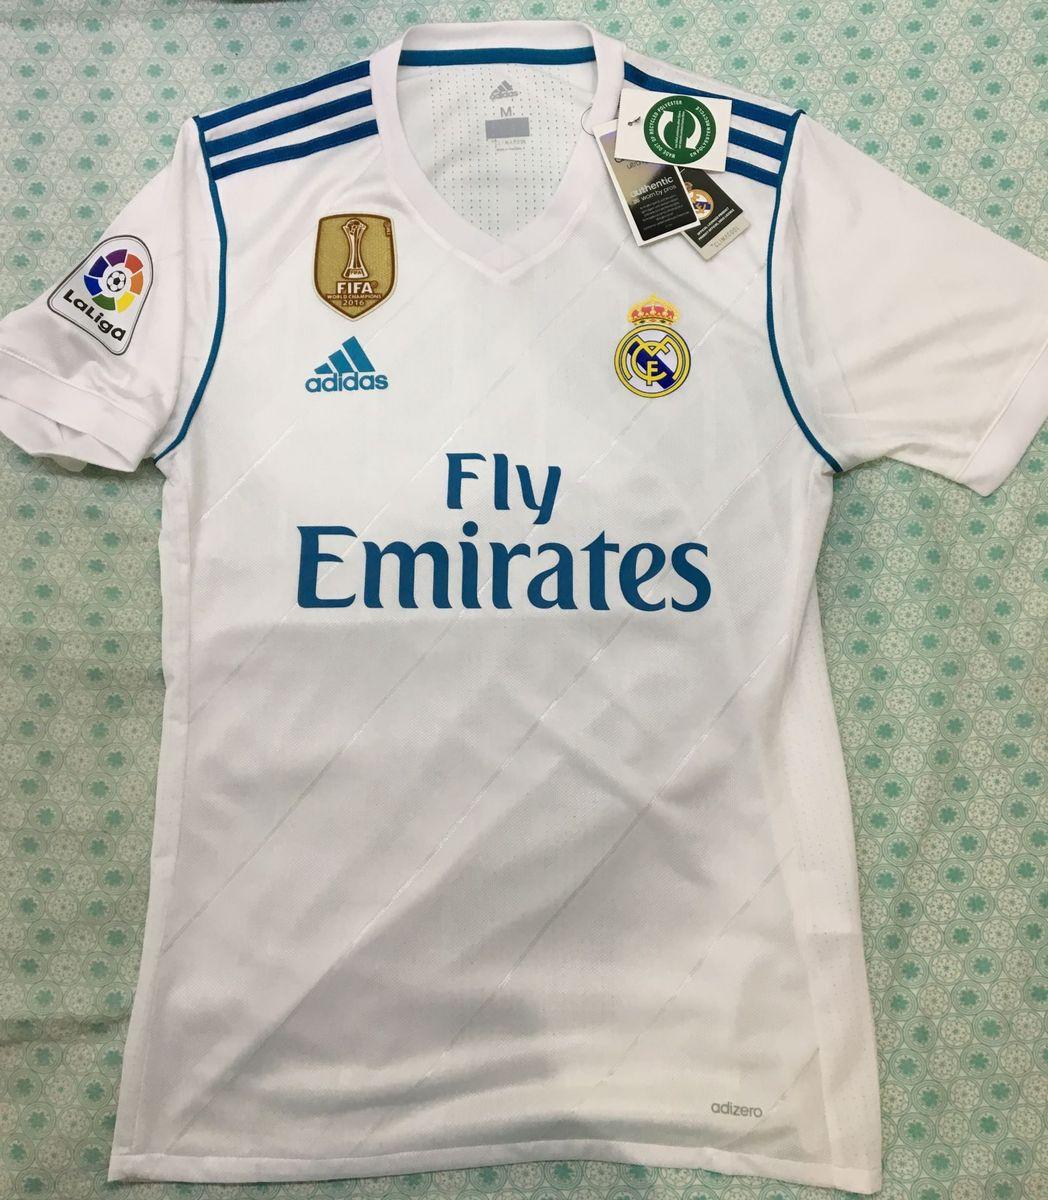 camisa real madrid 2017 - camisas adidas.  Czm6ly9wag90b3muzw5qb2vplmnvbs5ici9wcm9kdwn0cy80ntu5mdm3l2rhytmxoda2zjcxzdk2yjc3ntyxmtuyotmxm2m4zgewlmpwzw  ... 69ddce5cbd712